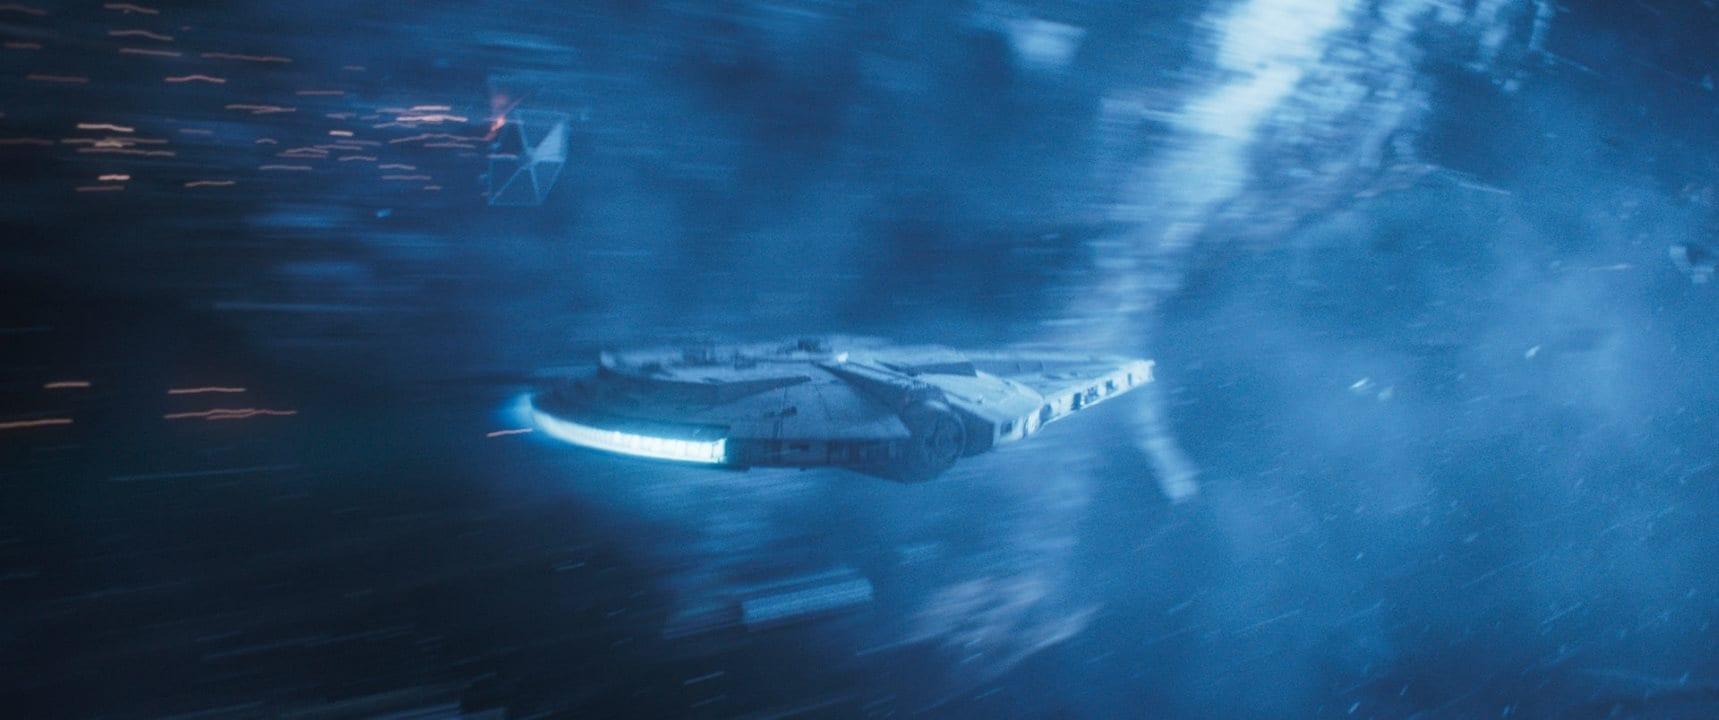 solo millennium falcon tie fighter Solo A Star Wars Story